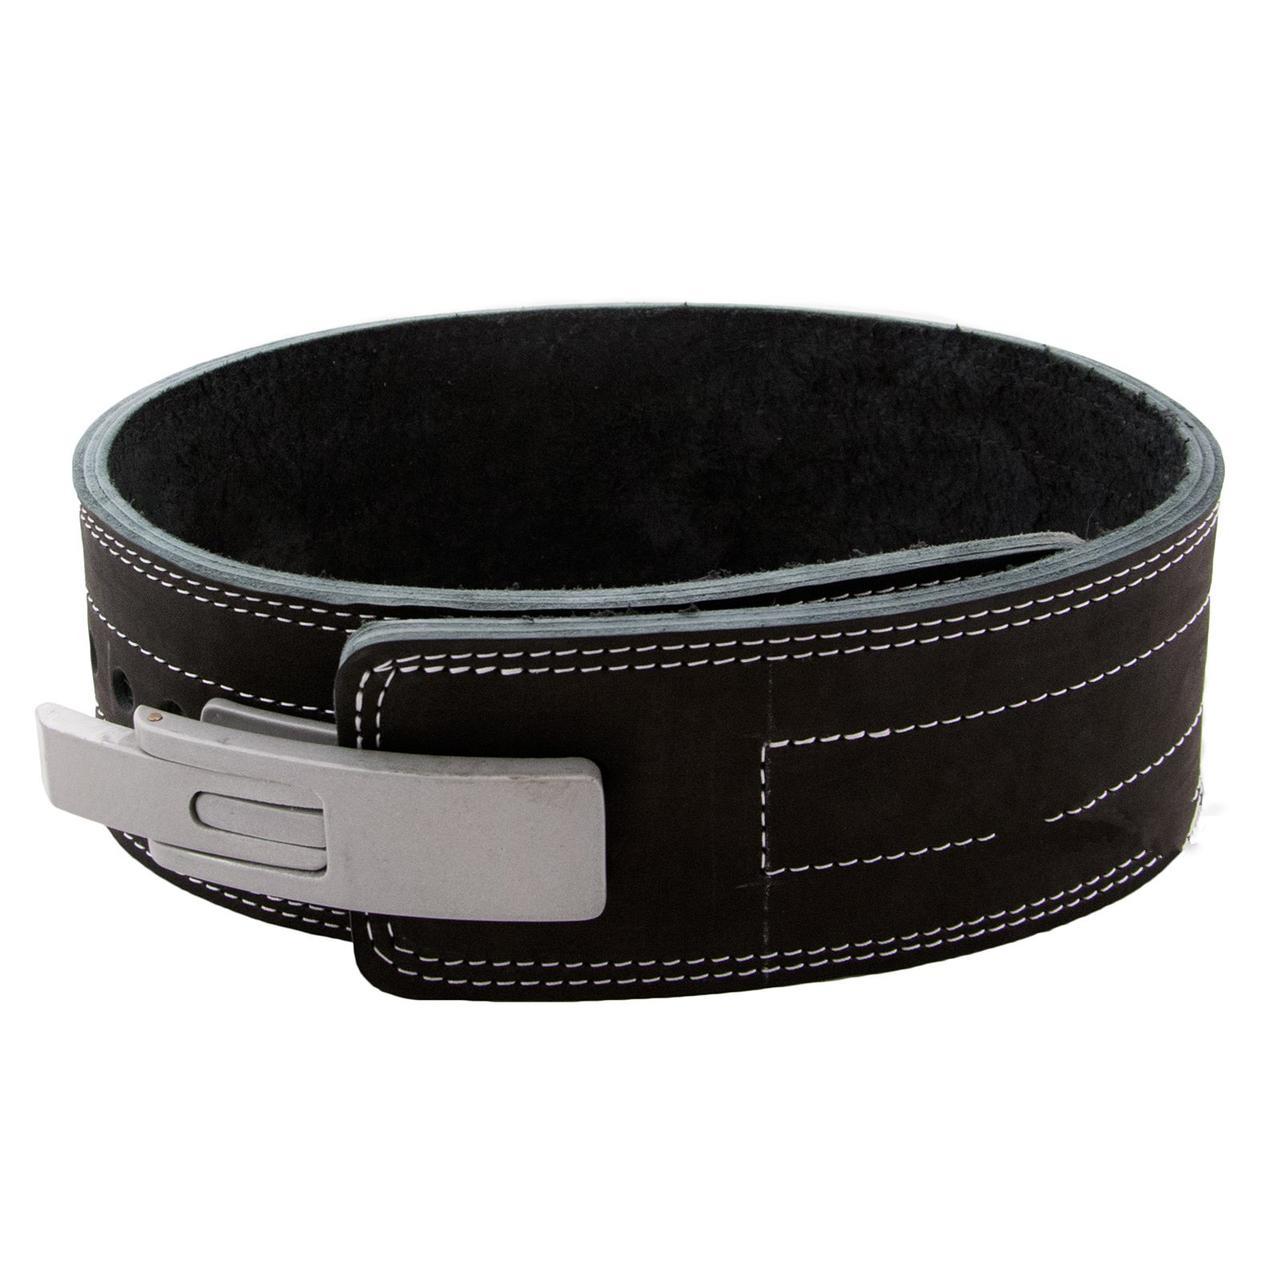 Пояс для пауэрлифтинга (штангиста) с карабином кожаный, 3 слоя Onhillsport (OS-0401)